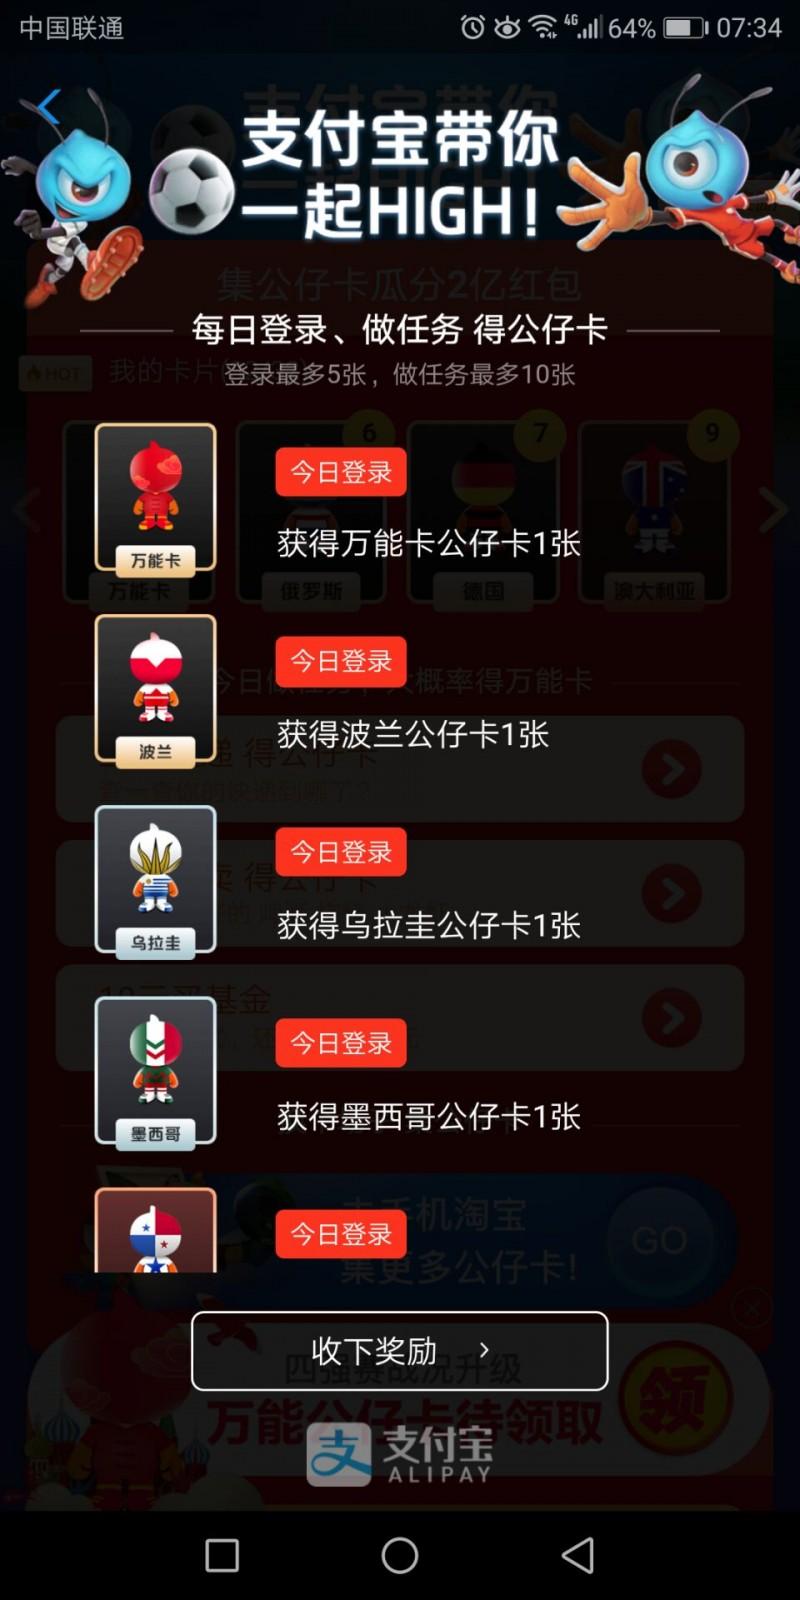 QQ图片20180708083215